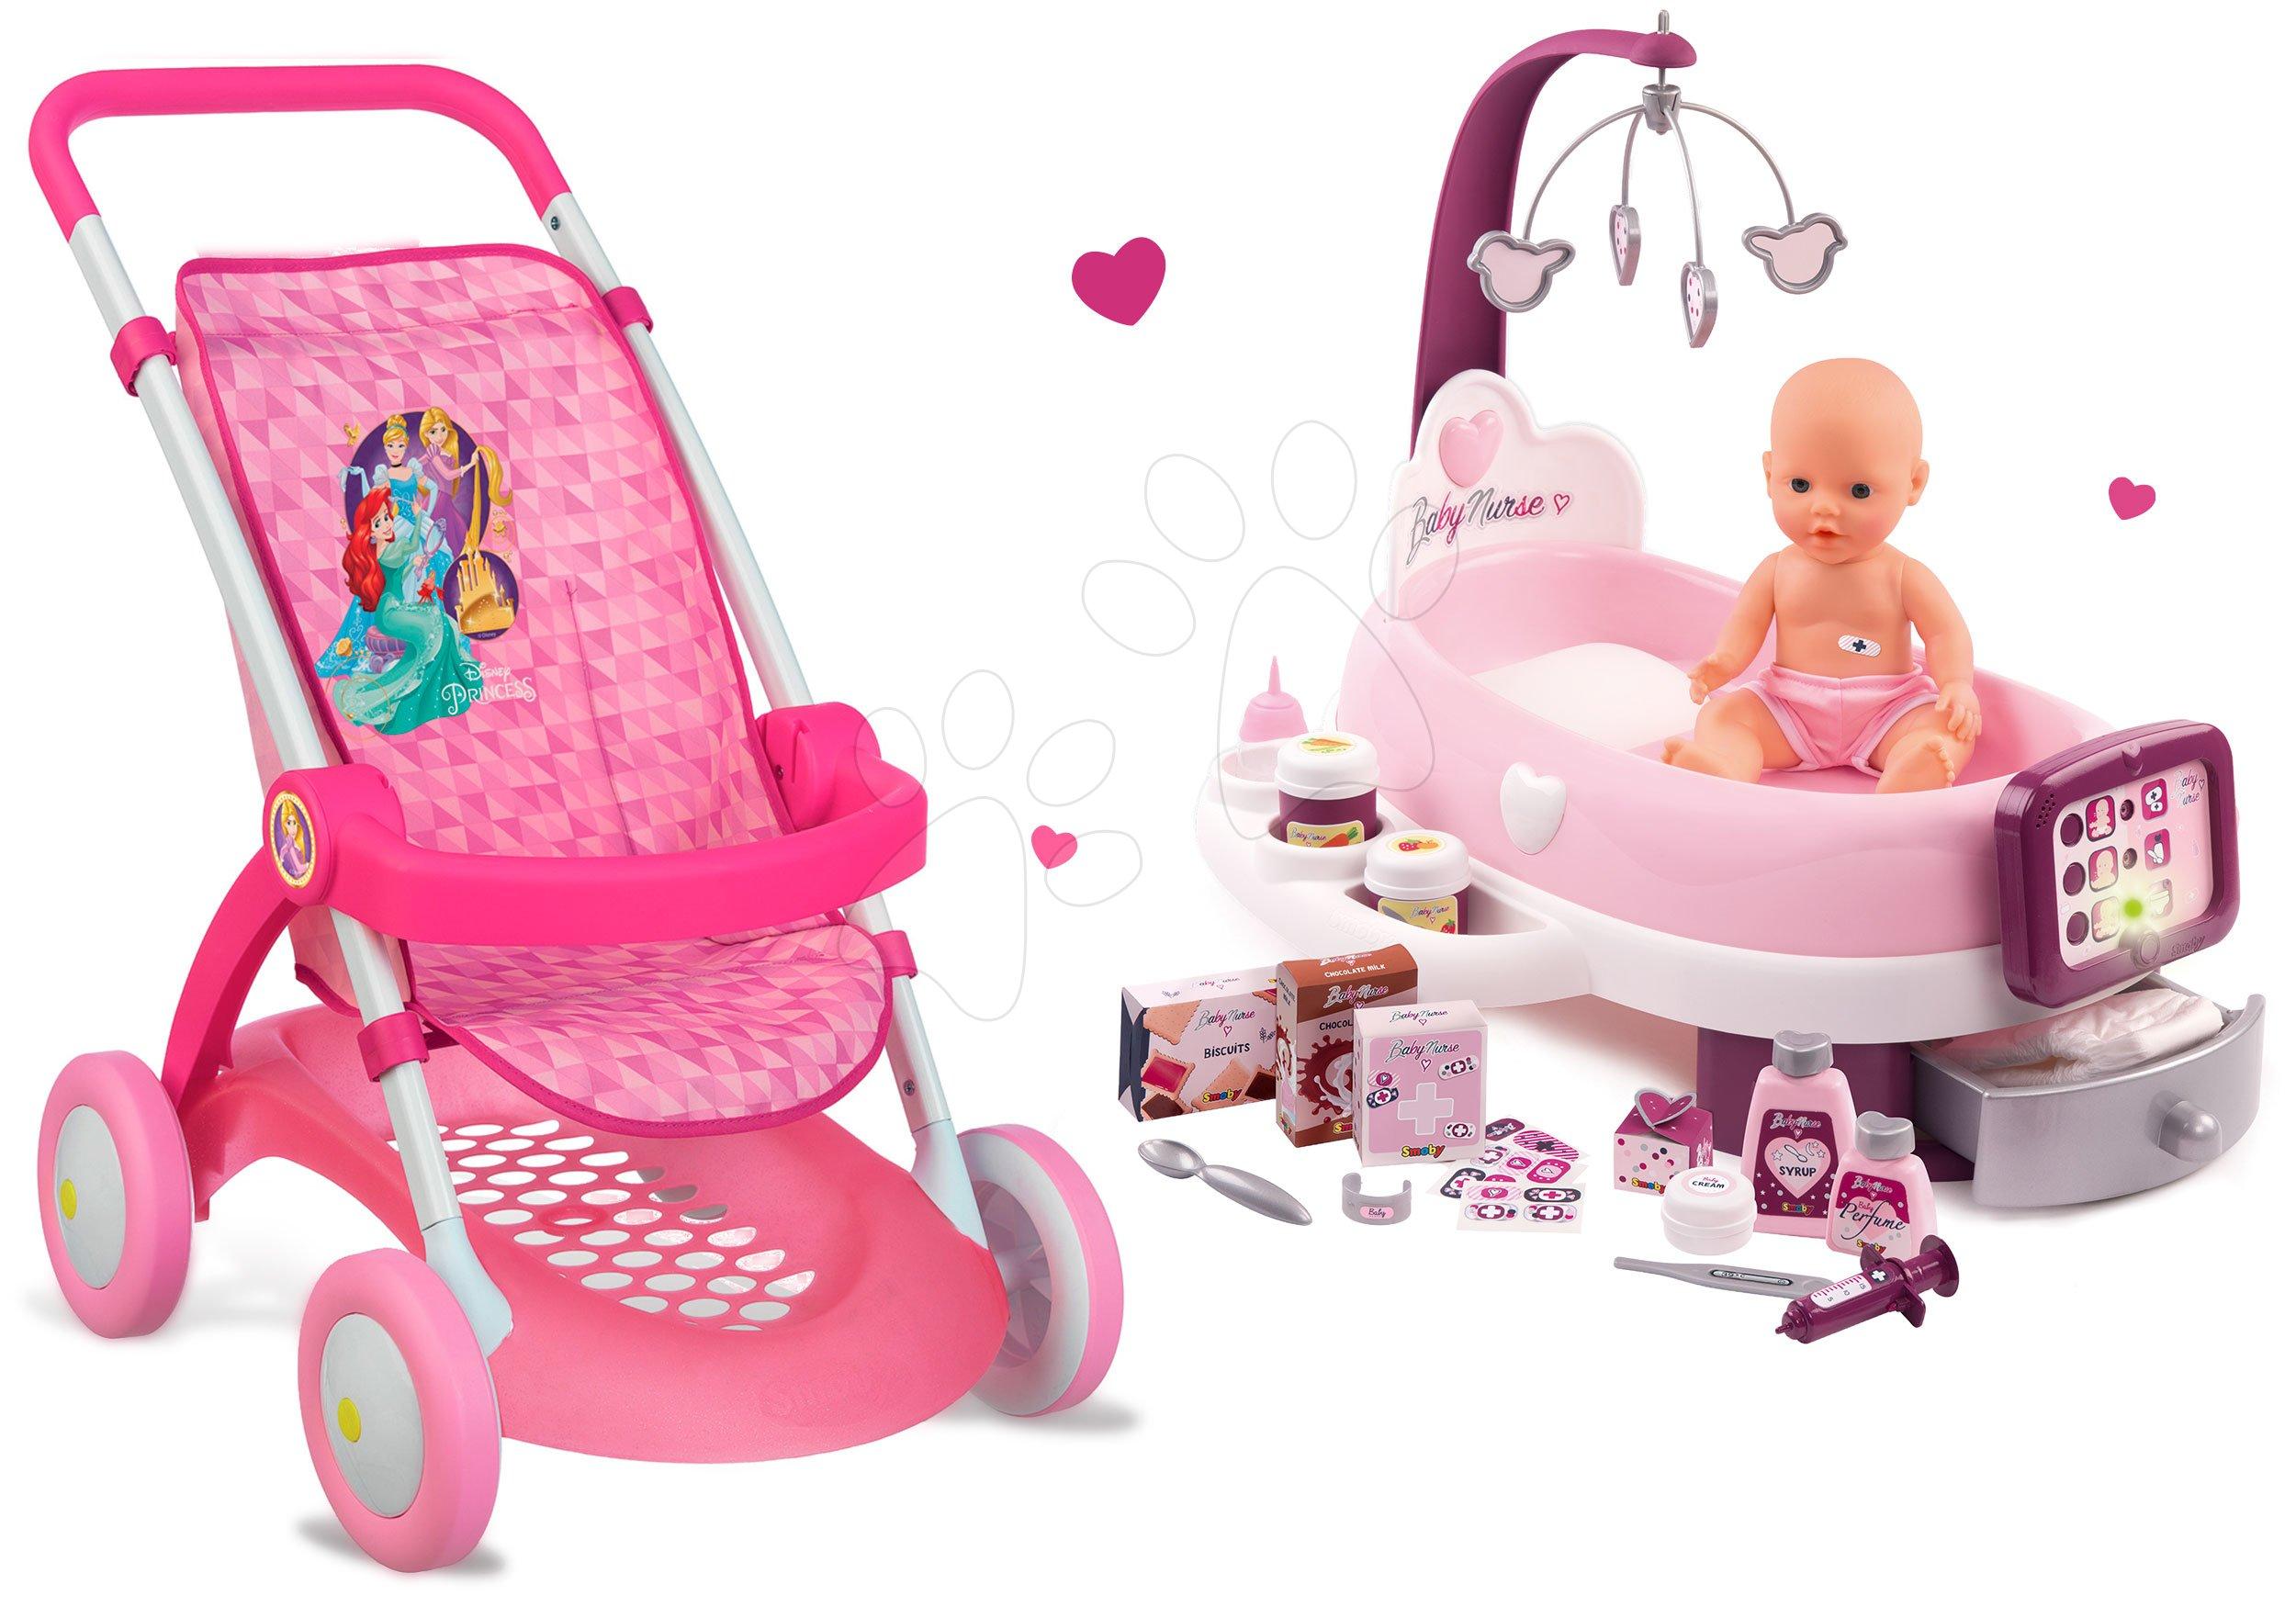 Smoby športový kočiarik pre bábiku a opatrovateľské centrum s bábikou 254033-2